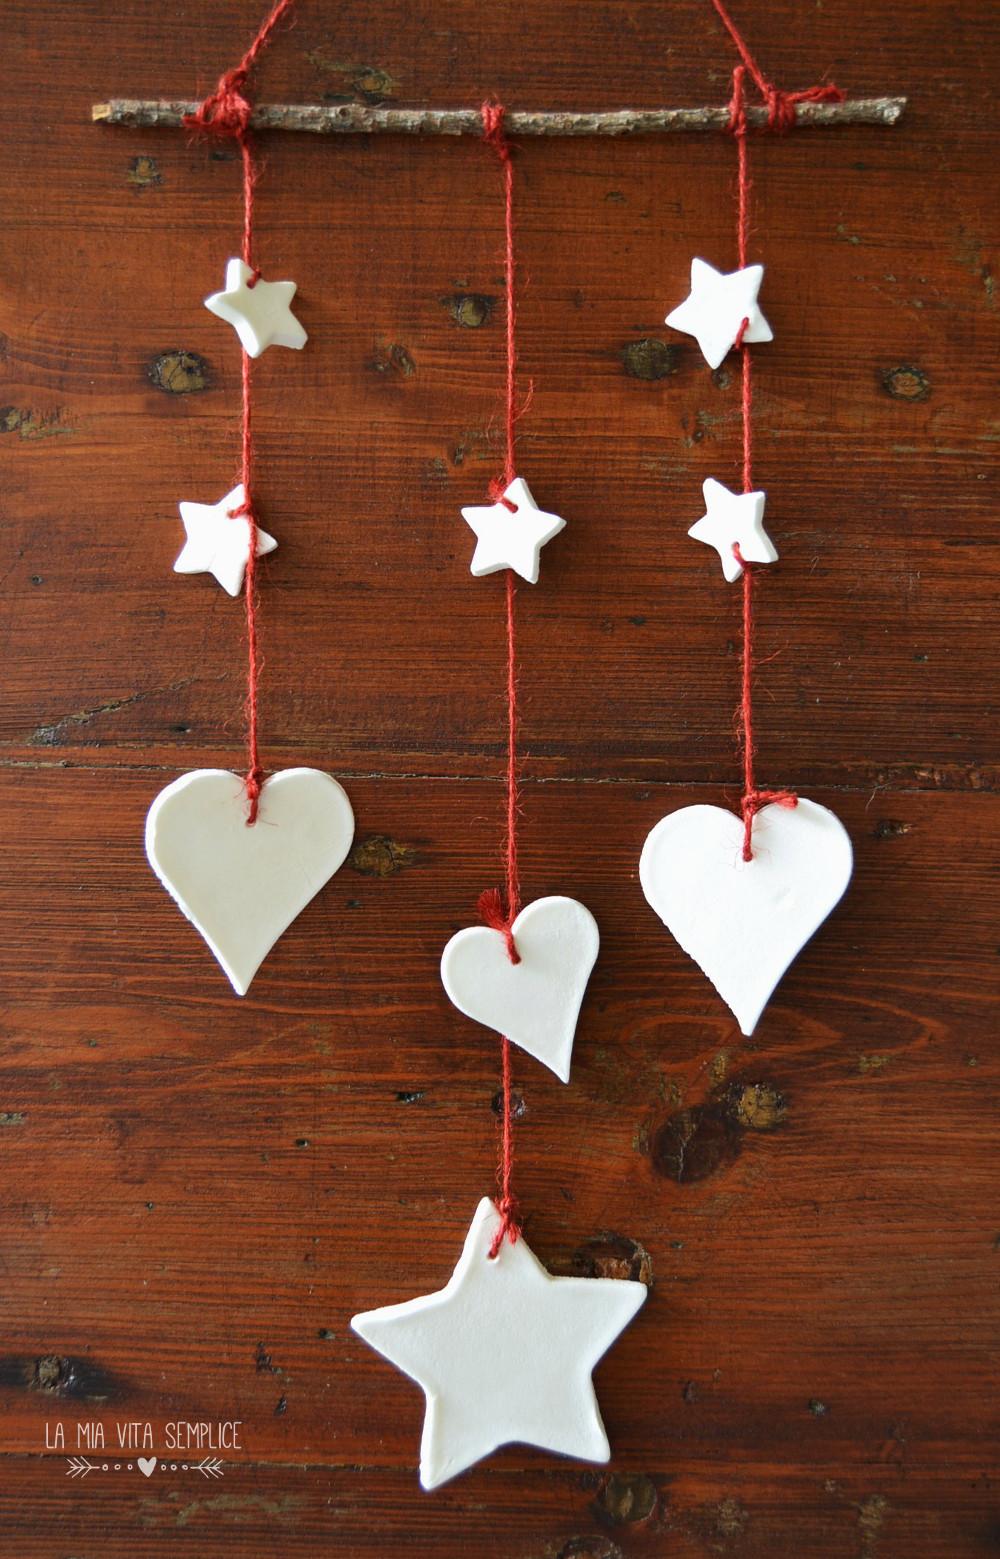 decorazione natalizia di pasta al bicarbonato 1000x1559